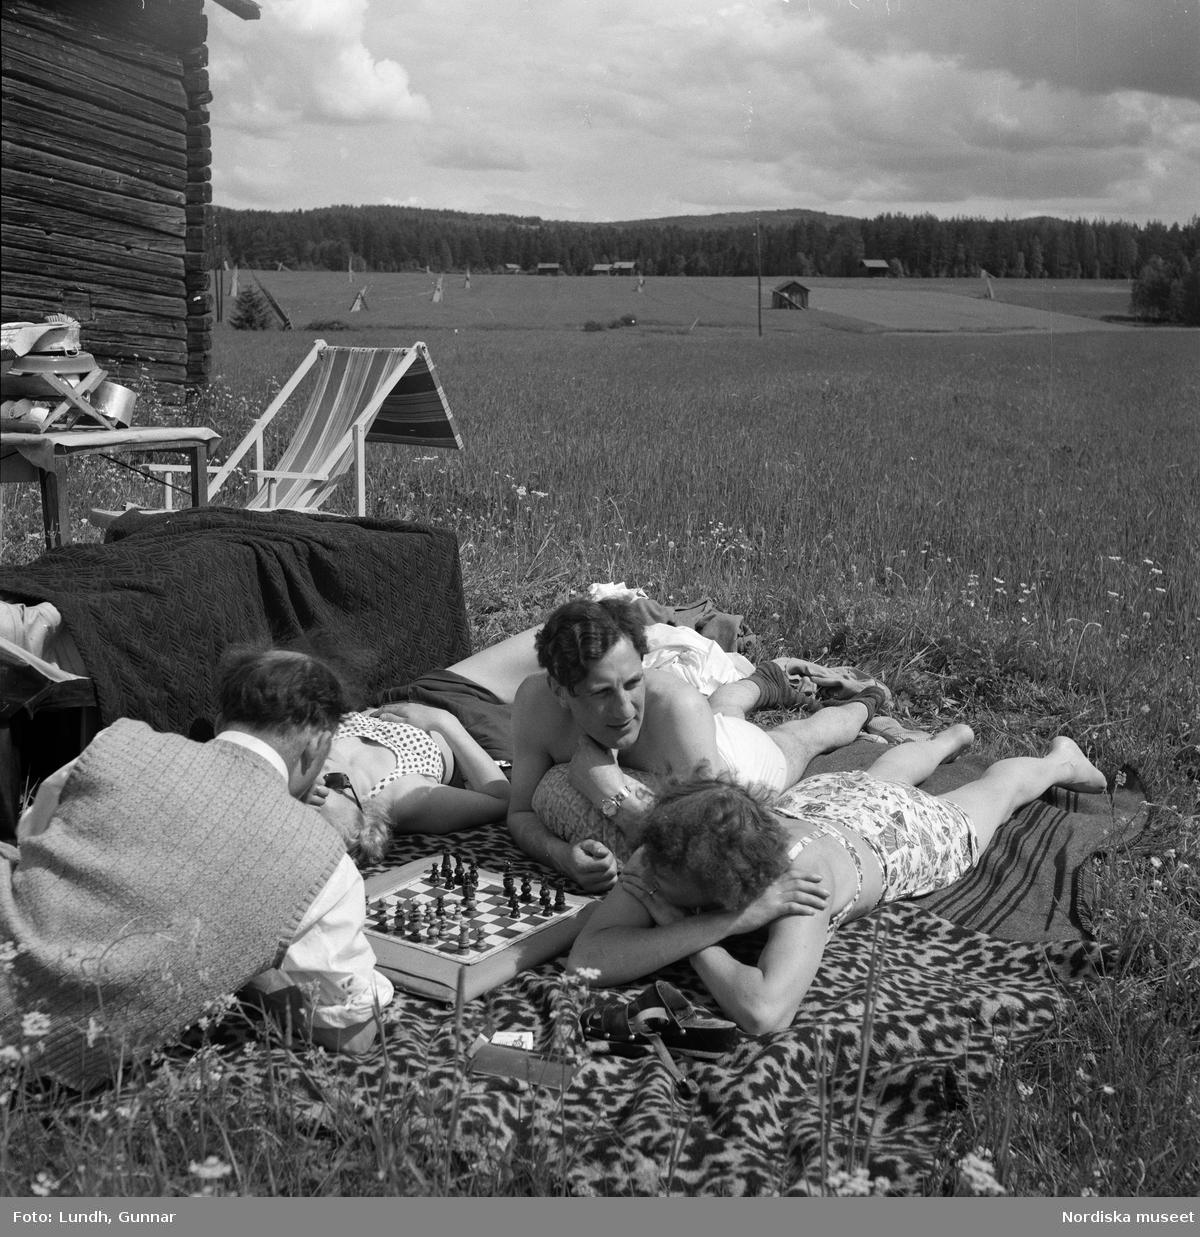 Motiv: (ingen anteckning) ; Porträtt av en man författaren Frans G Bengtsson, en gärsgård, två kvinnor och två män ligger på marken och spelar schack vid en parkerad bil med husvagn, en kvinna står vid dörren till en husvagn, porträtt av en flicka som håller blommor.